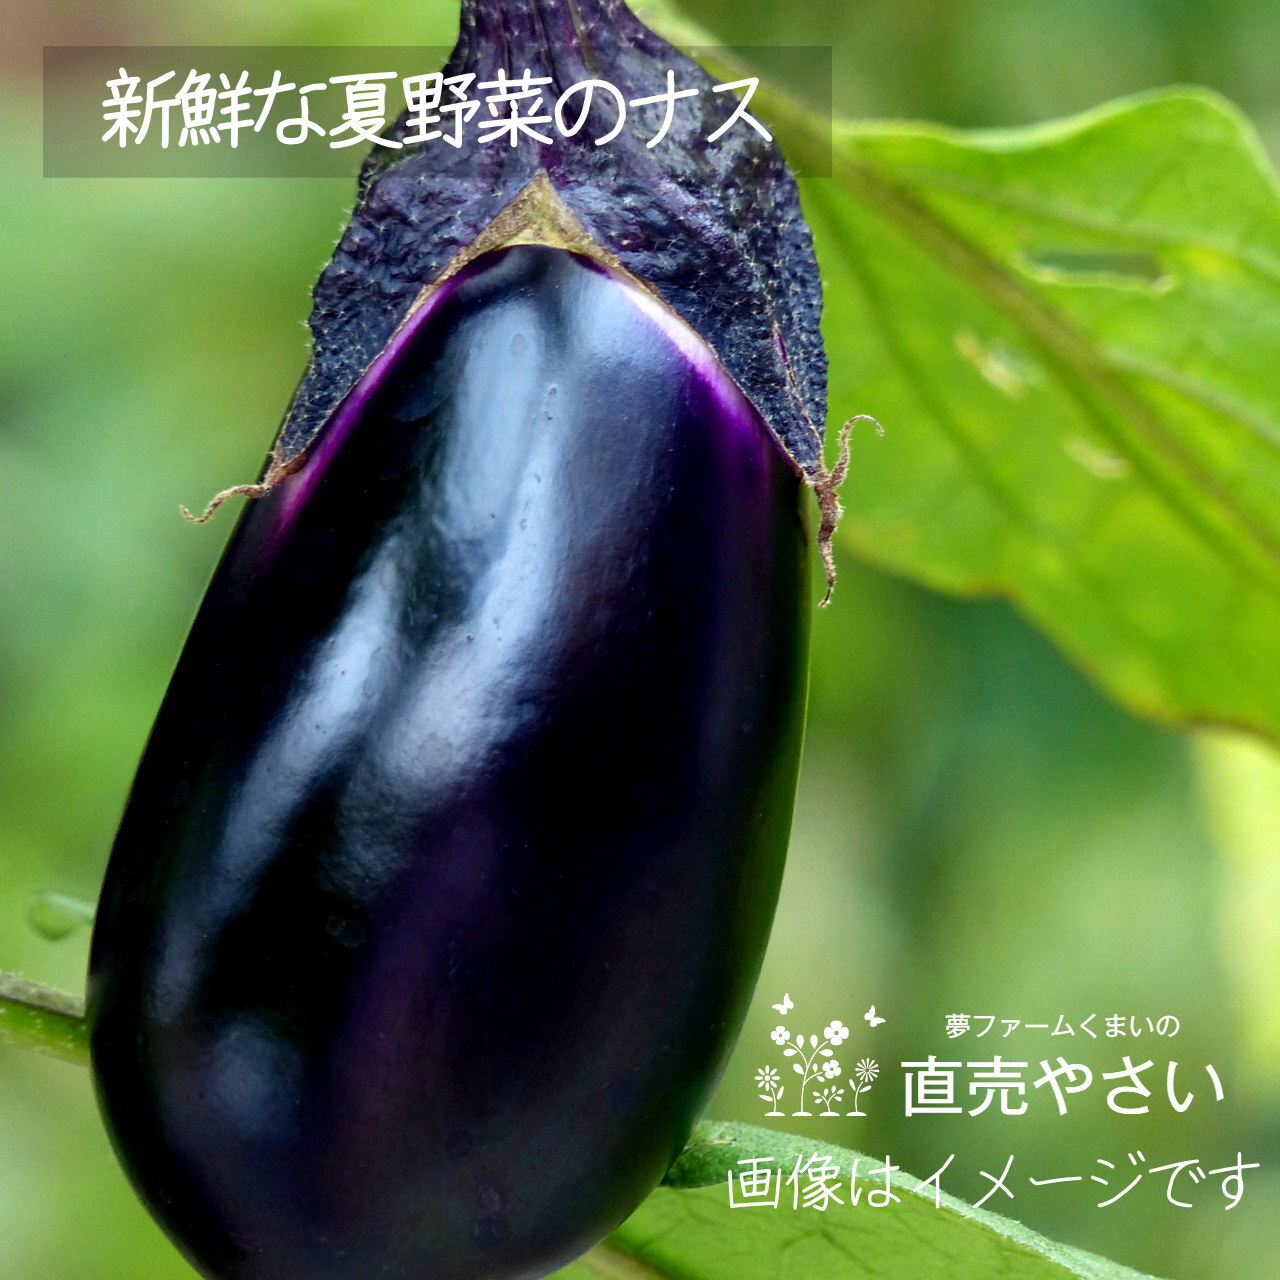 ナス 約400g : 6月の朝採り直売野菜  春の新鮮野菜 6月6日発送予定